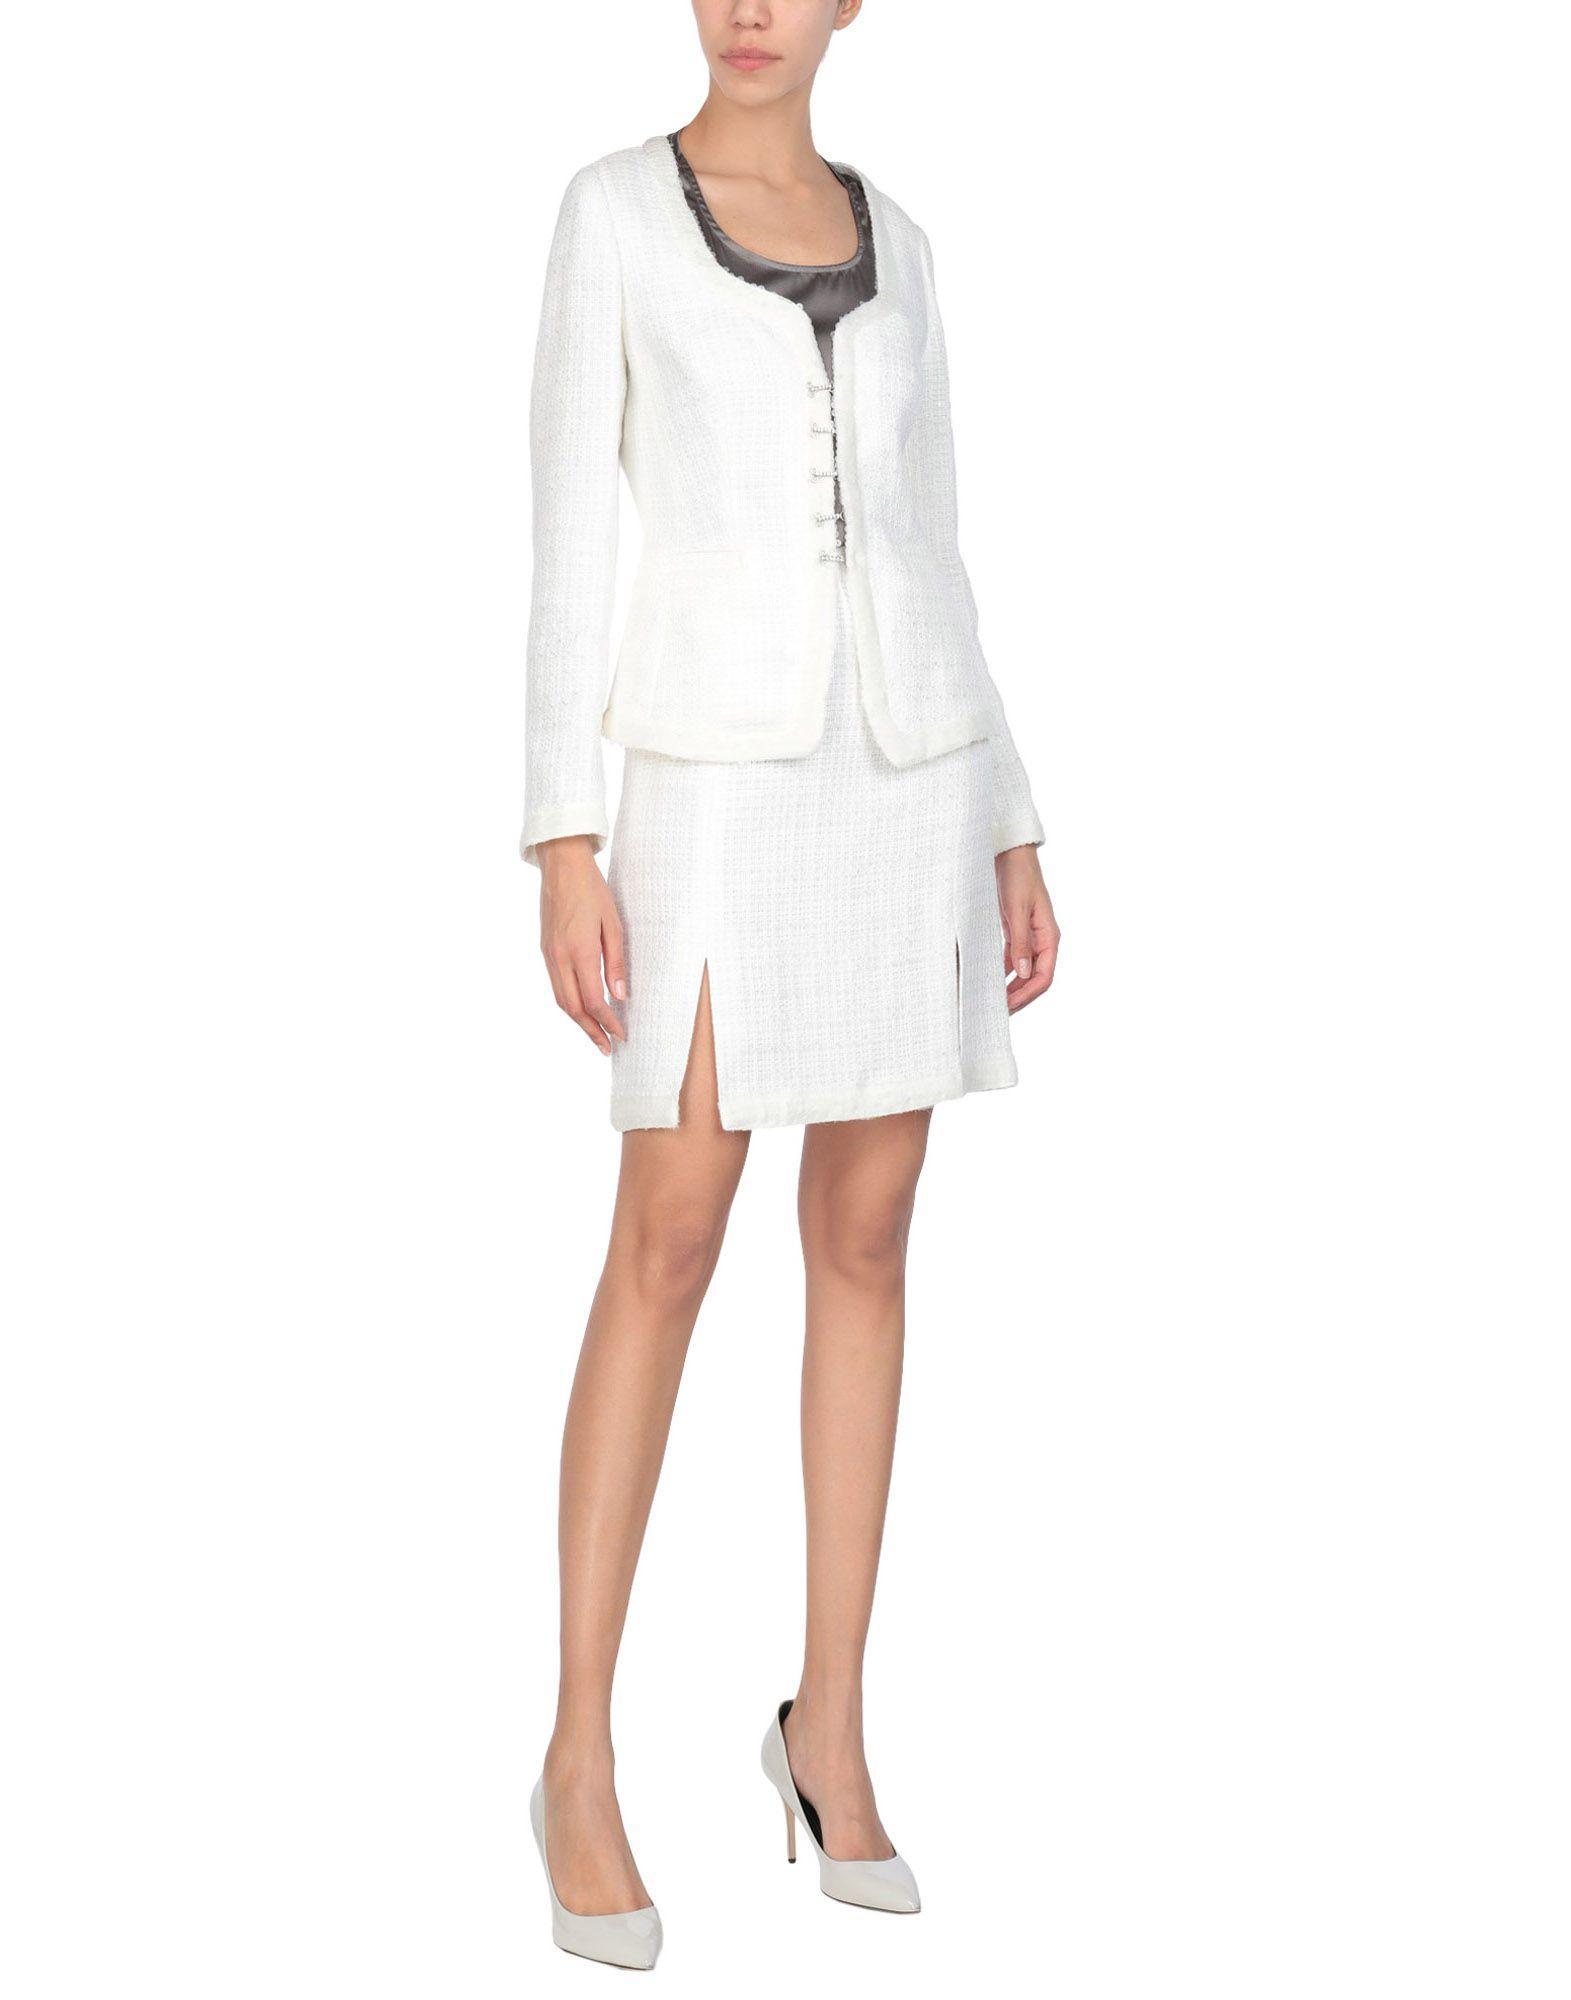 MARIELLA BURANI Классический костюм классический галстук аксессуар robe длинные tie костюм диагональные полосы терилен